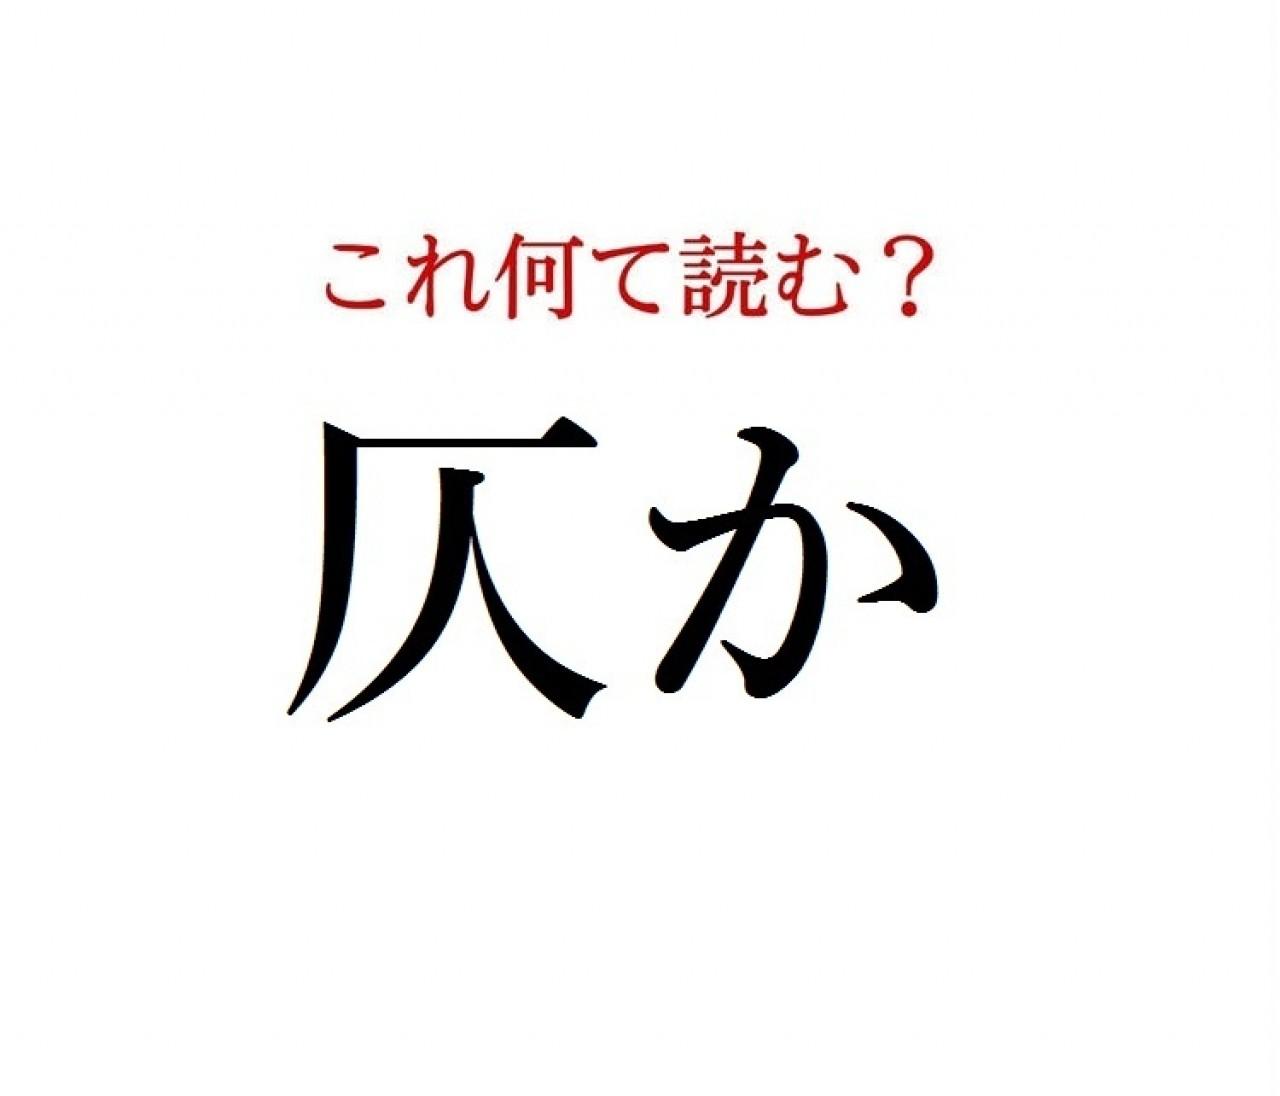 「仄か」:この漢字、自信を持って読めますか?【働く大人の漢字クイズvol.304】